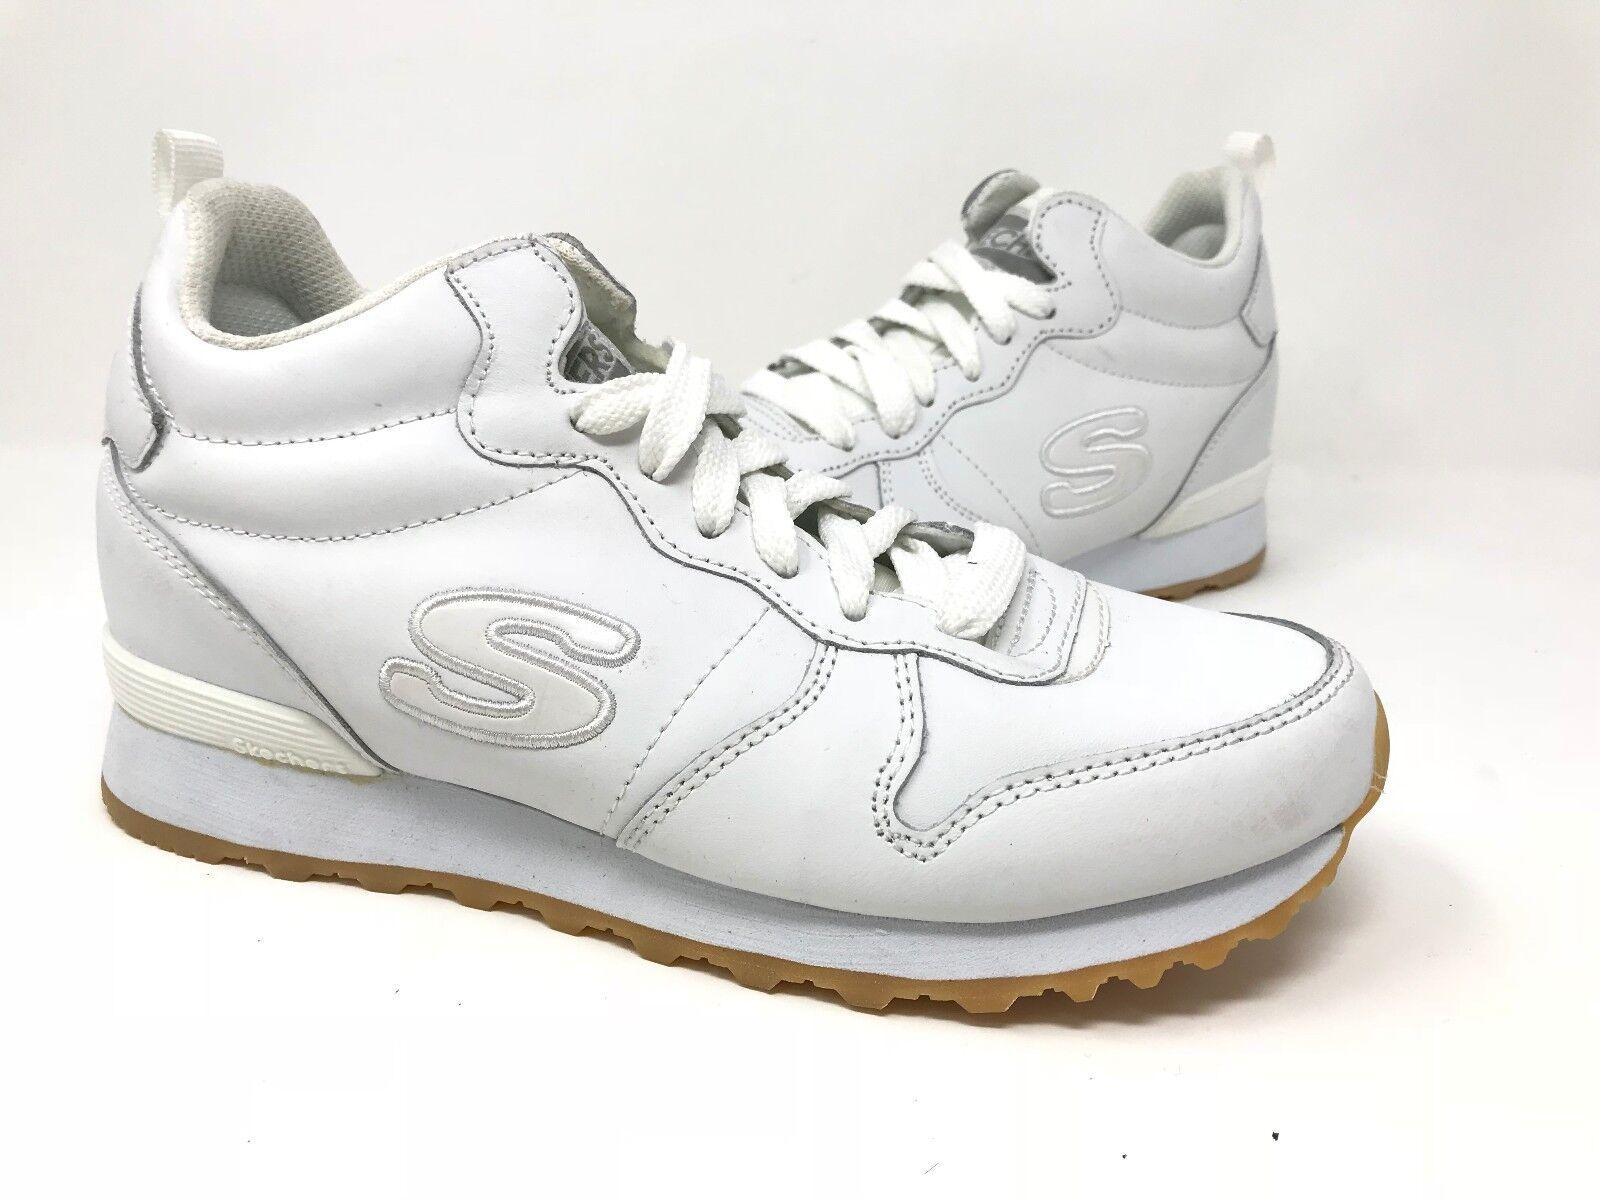 New! Women's Skechers 128 OG 85 Street Sneaks Jogger Shoes - White A25